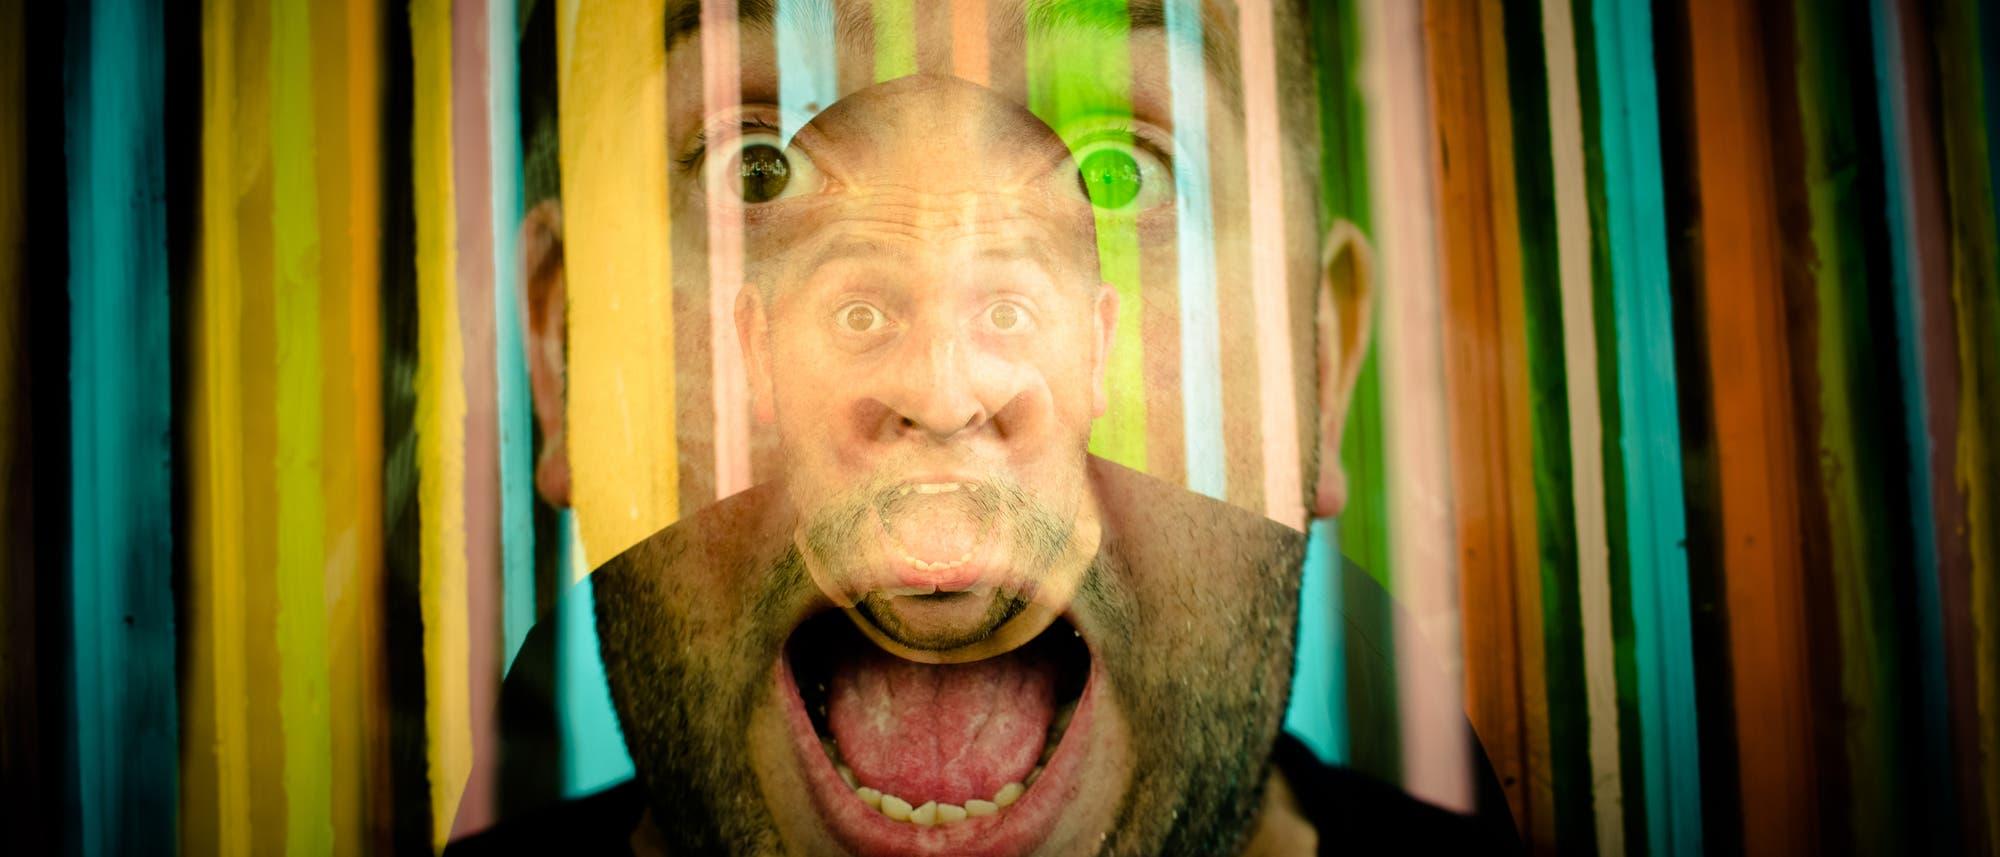 Das Gesicht eines schreienden Mannes überlagert von bunten Streifen.